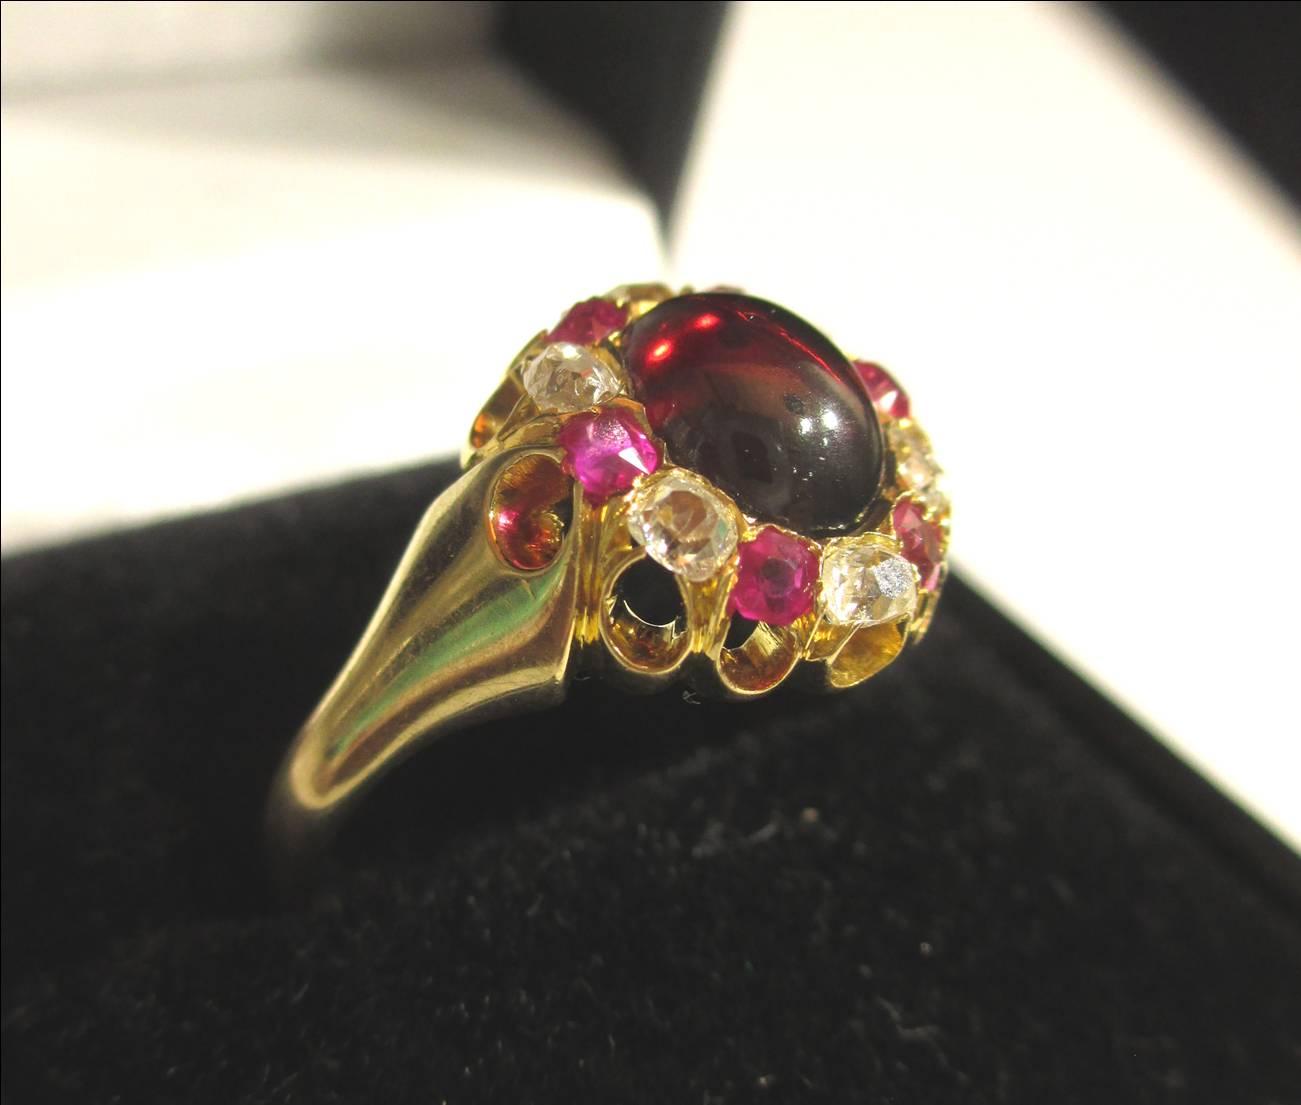 【19世紀ヴィクトリアンアンティークジュエリー】ガーネット、ダイヤ、ルビーを使ったと18Kの指輪